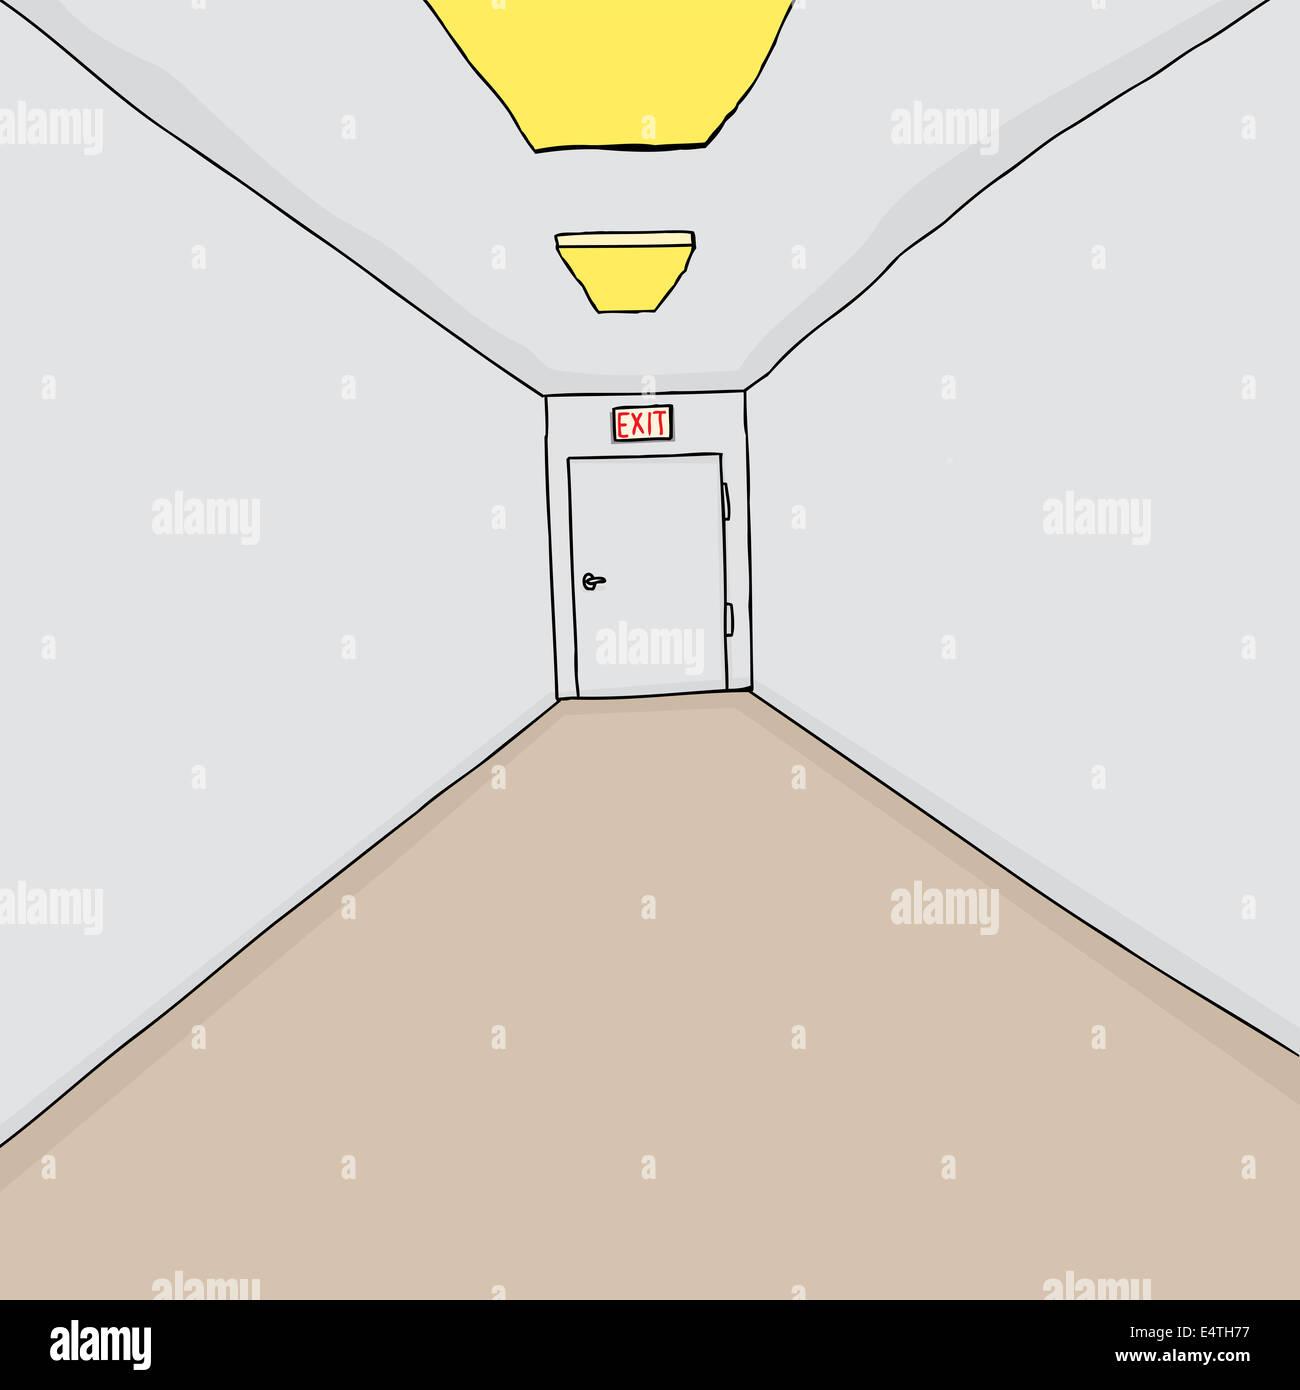 handgezeichnete cartoon flur hintergrund mit einzelnen ausgang stockbild